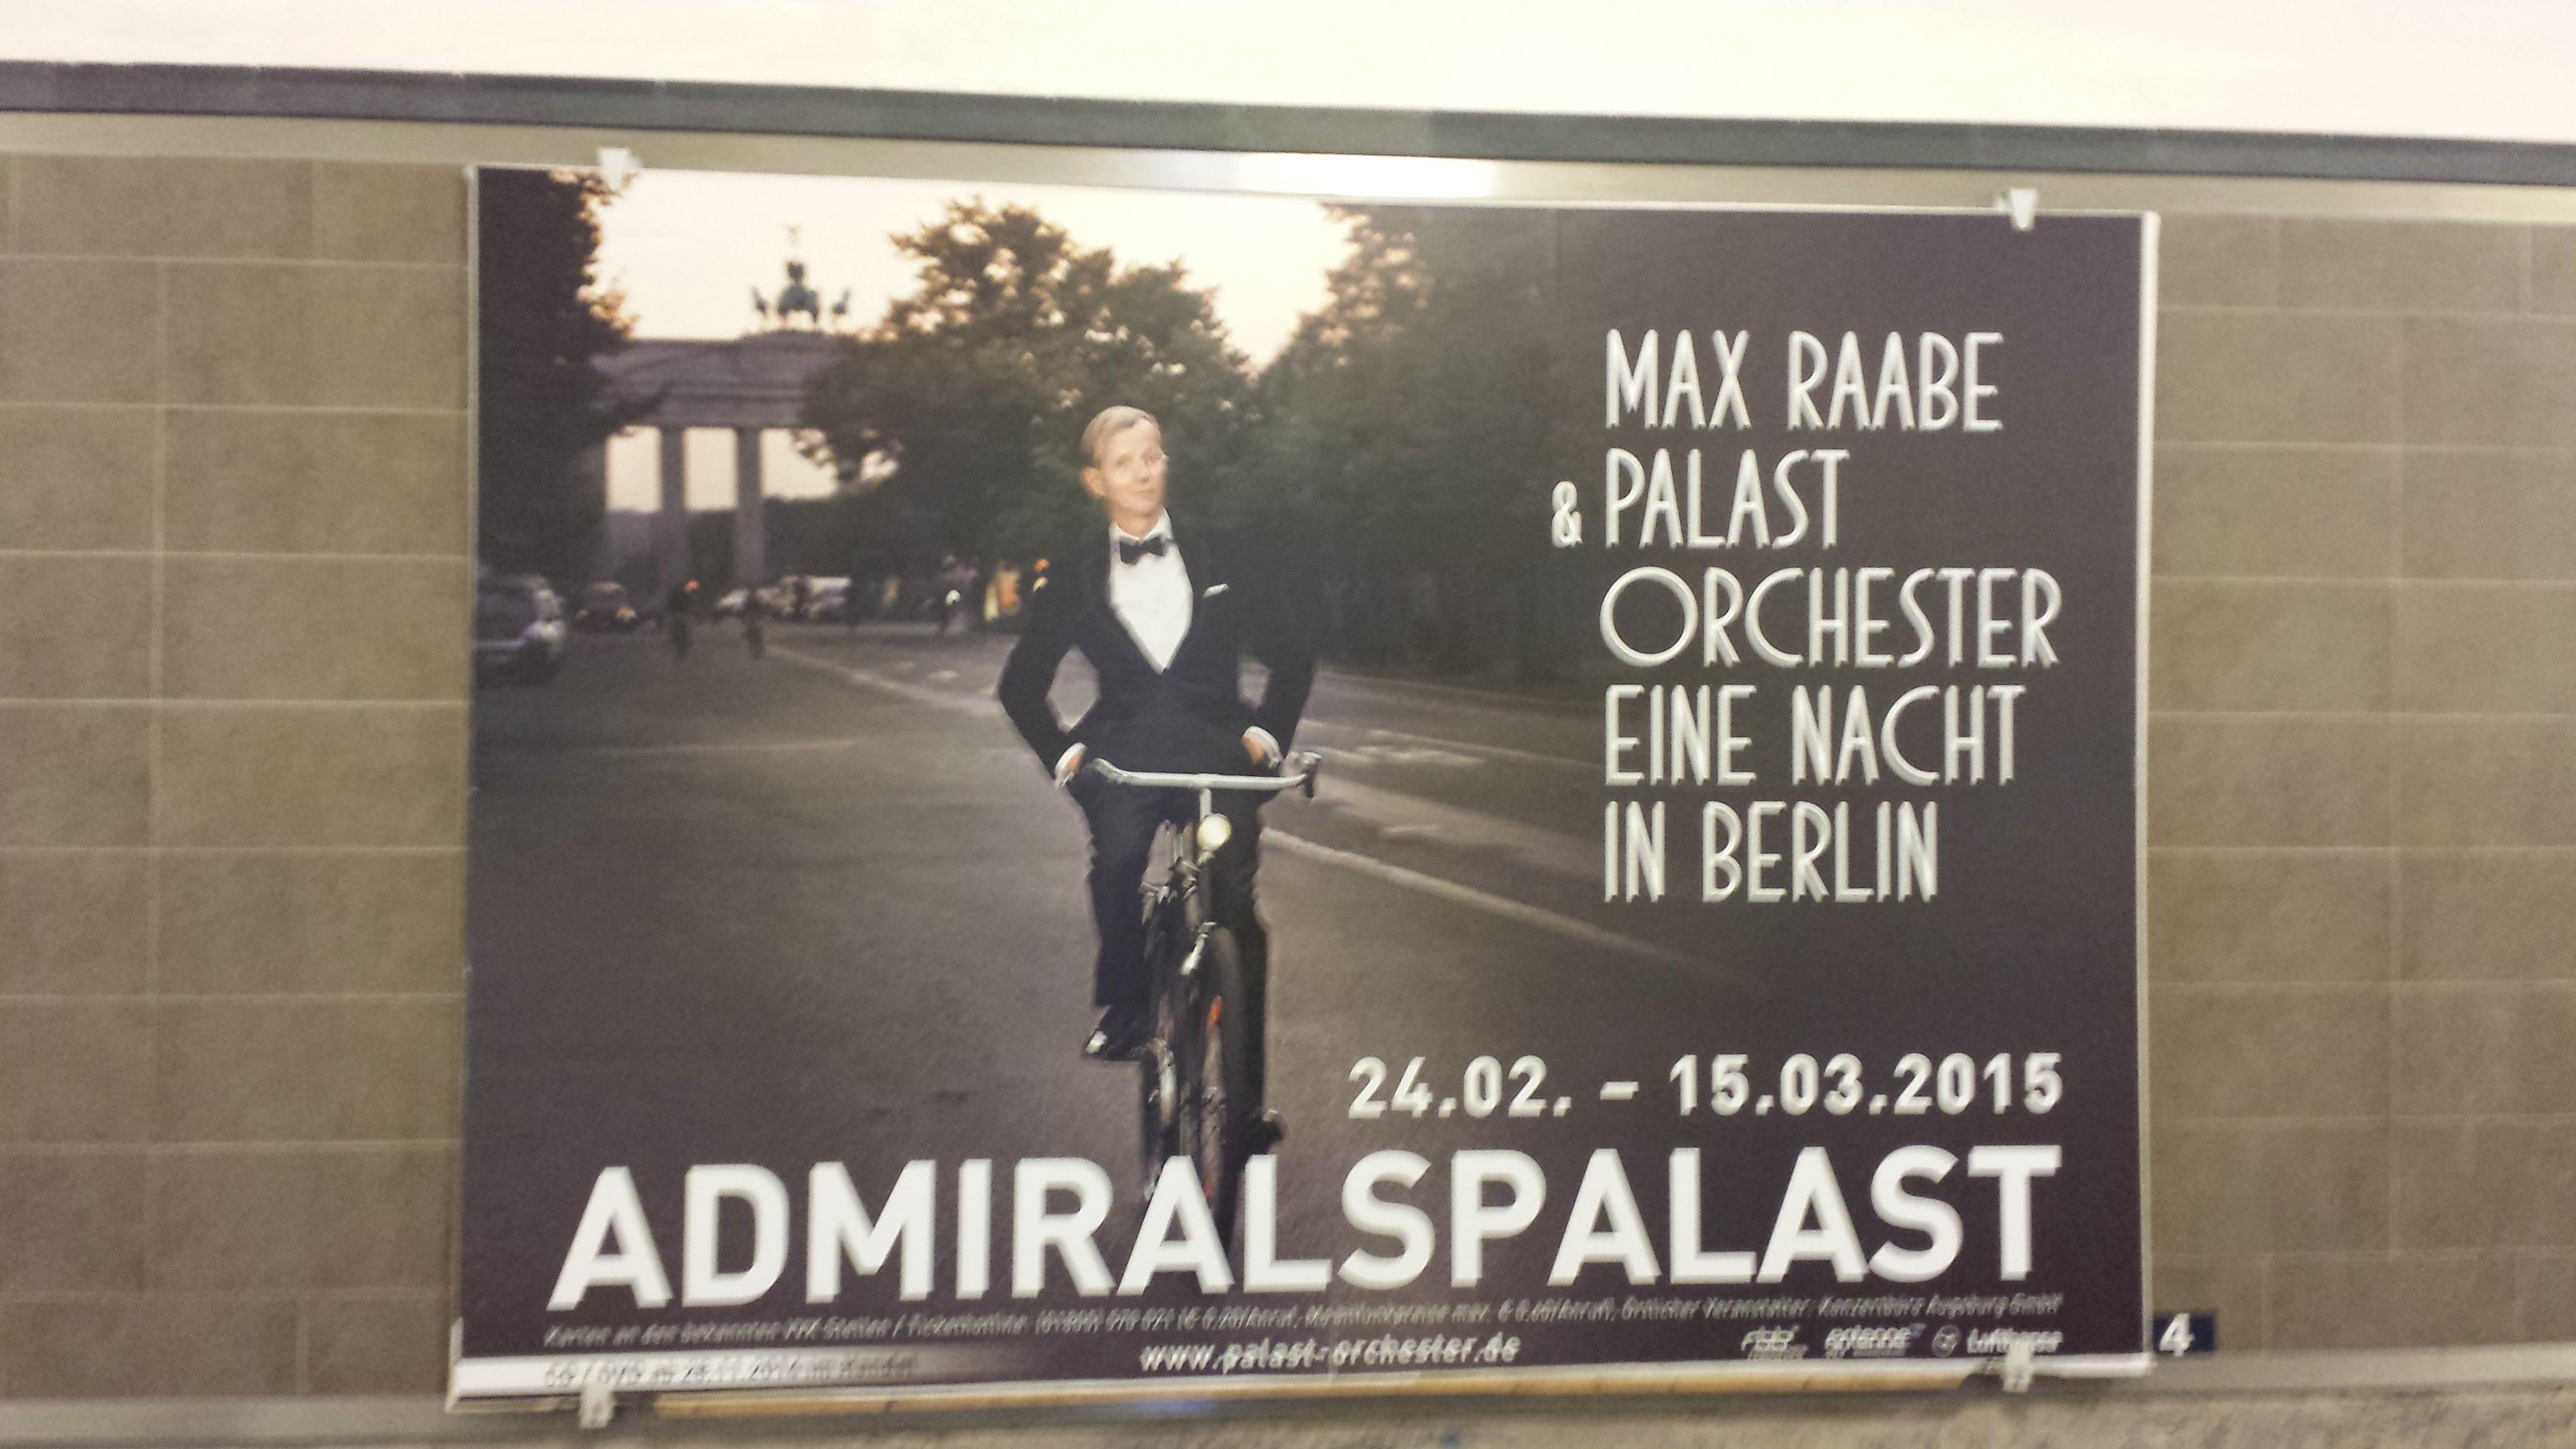 Reklame i U-Bahn 2014. Foto: Kirsten Andersen